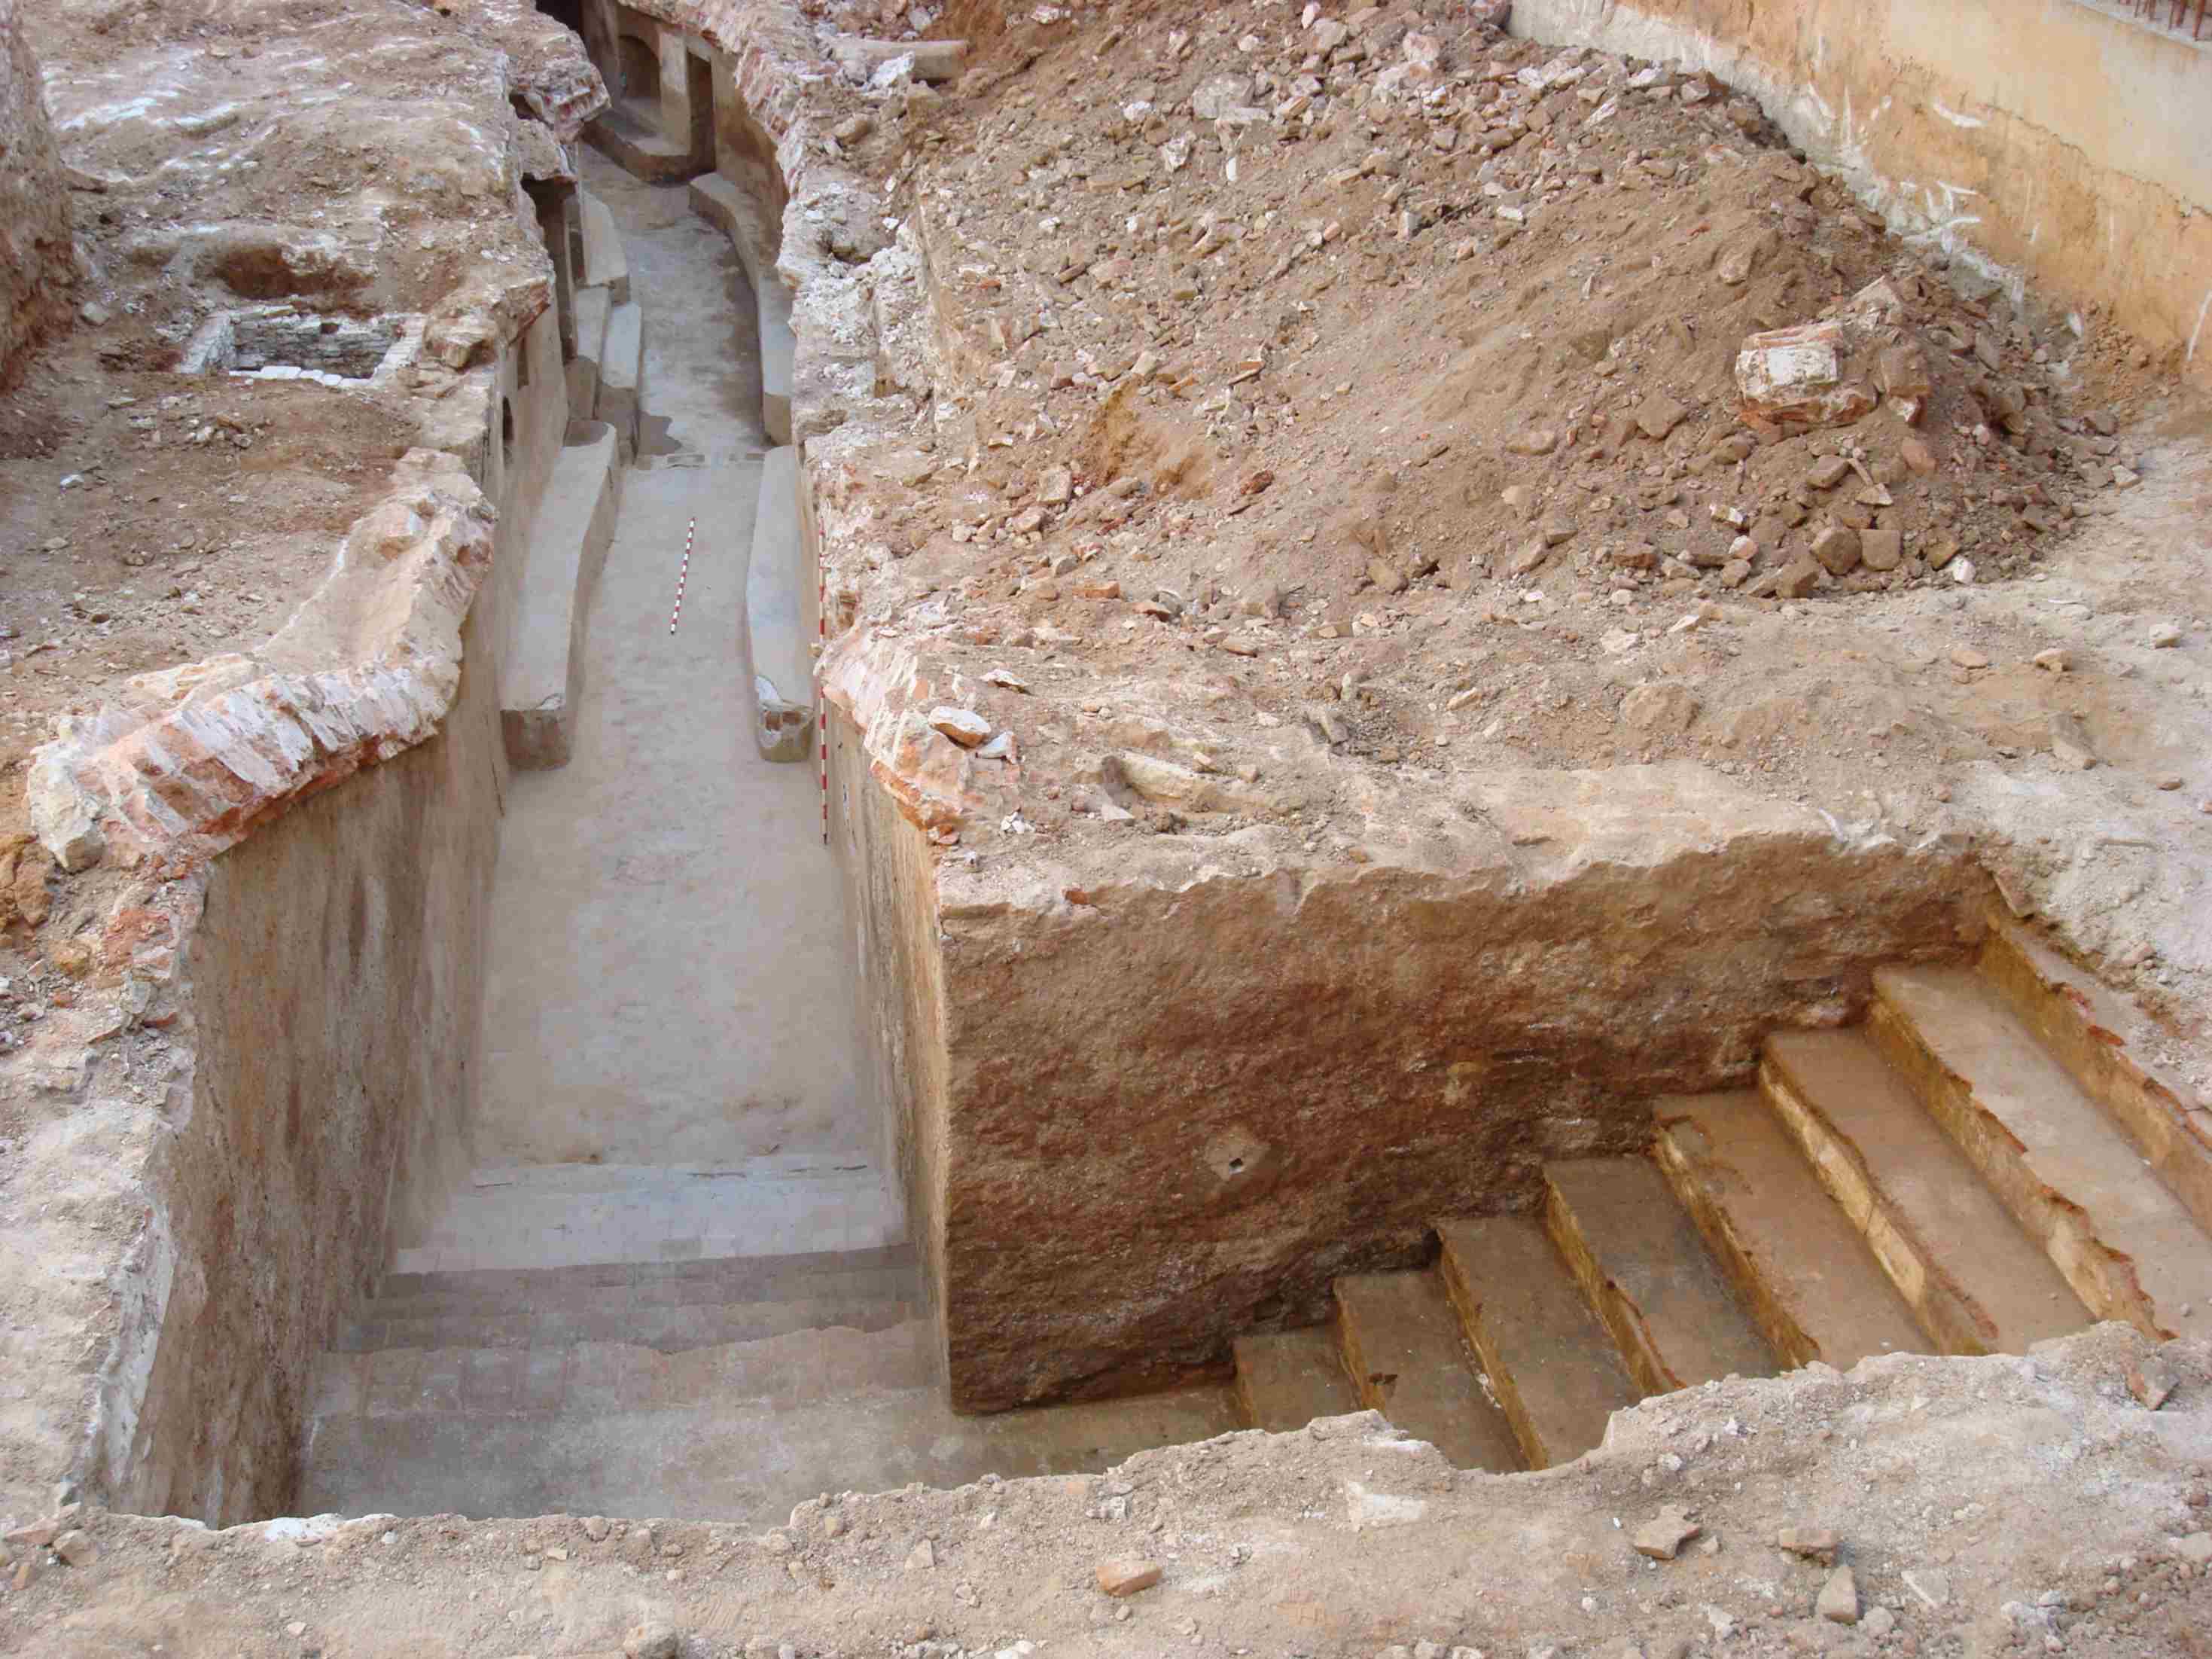 Escales de l'entrada del Refugi nº 254, pel C- Vistalegre, 11 (Foto: J.M. Vicente; M. Viamonte)